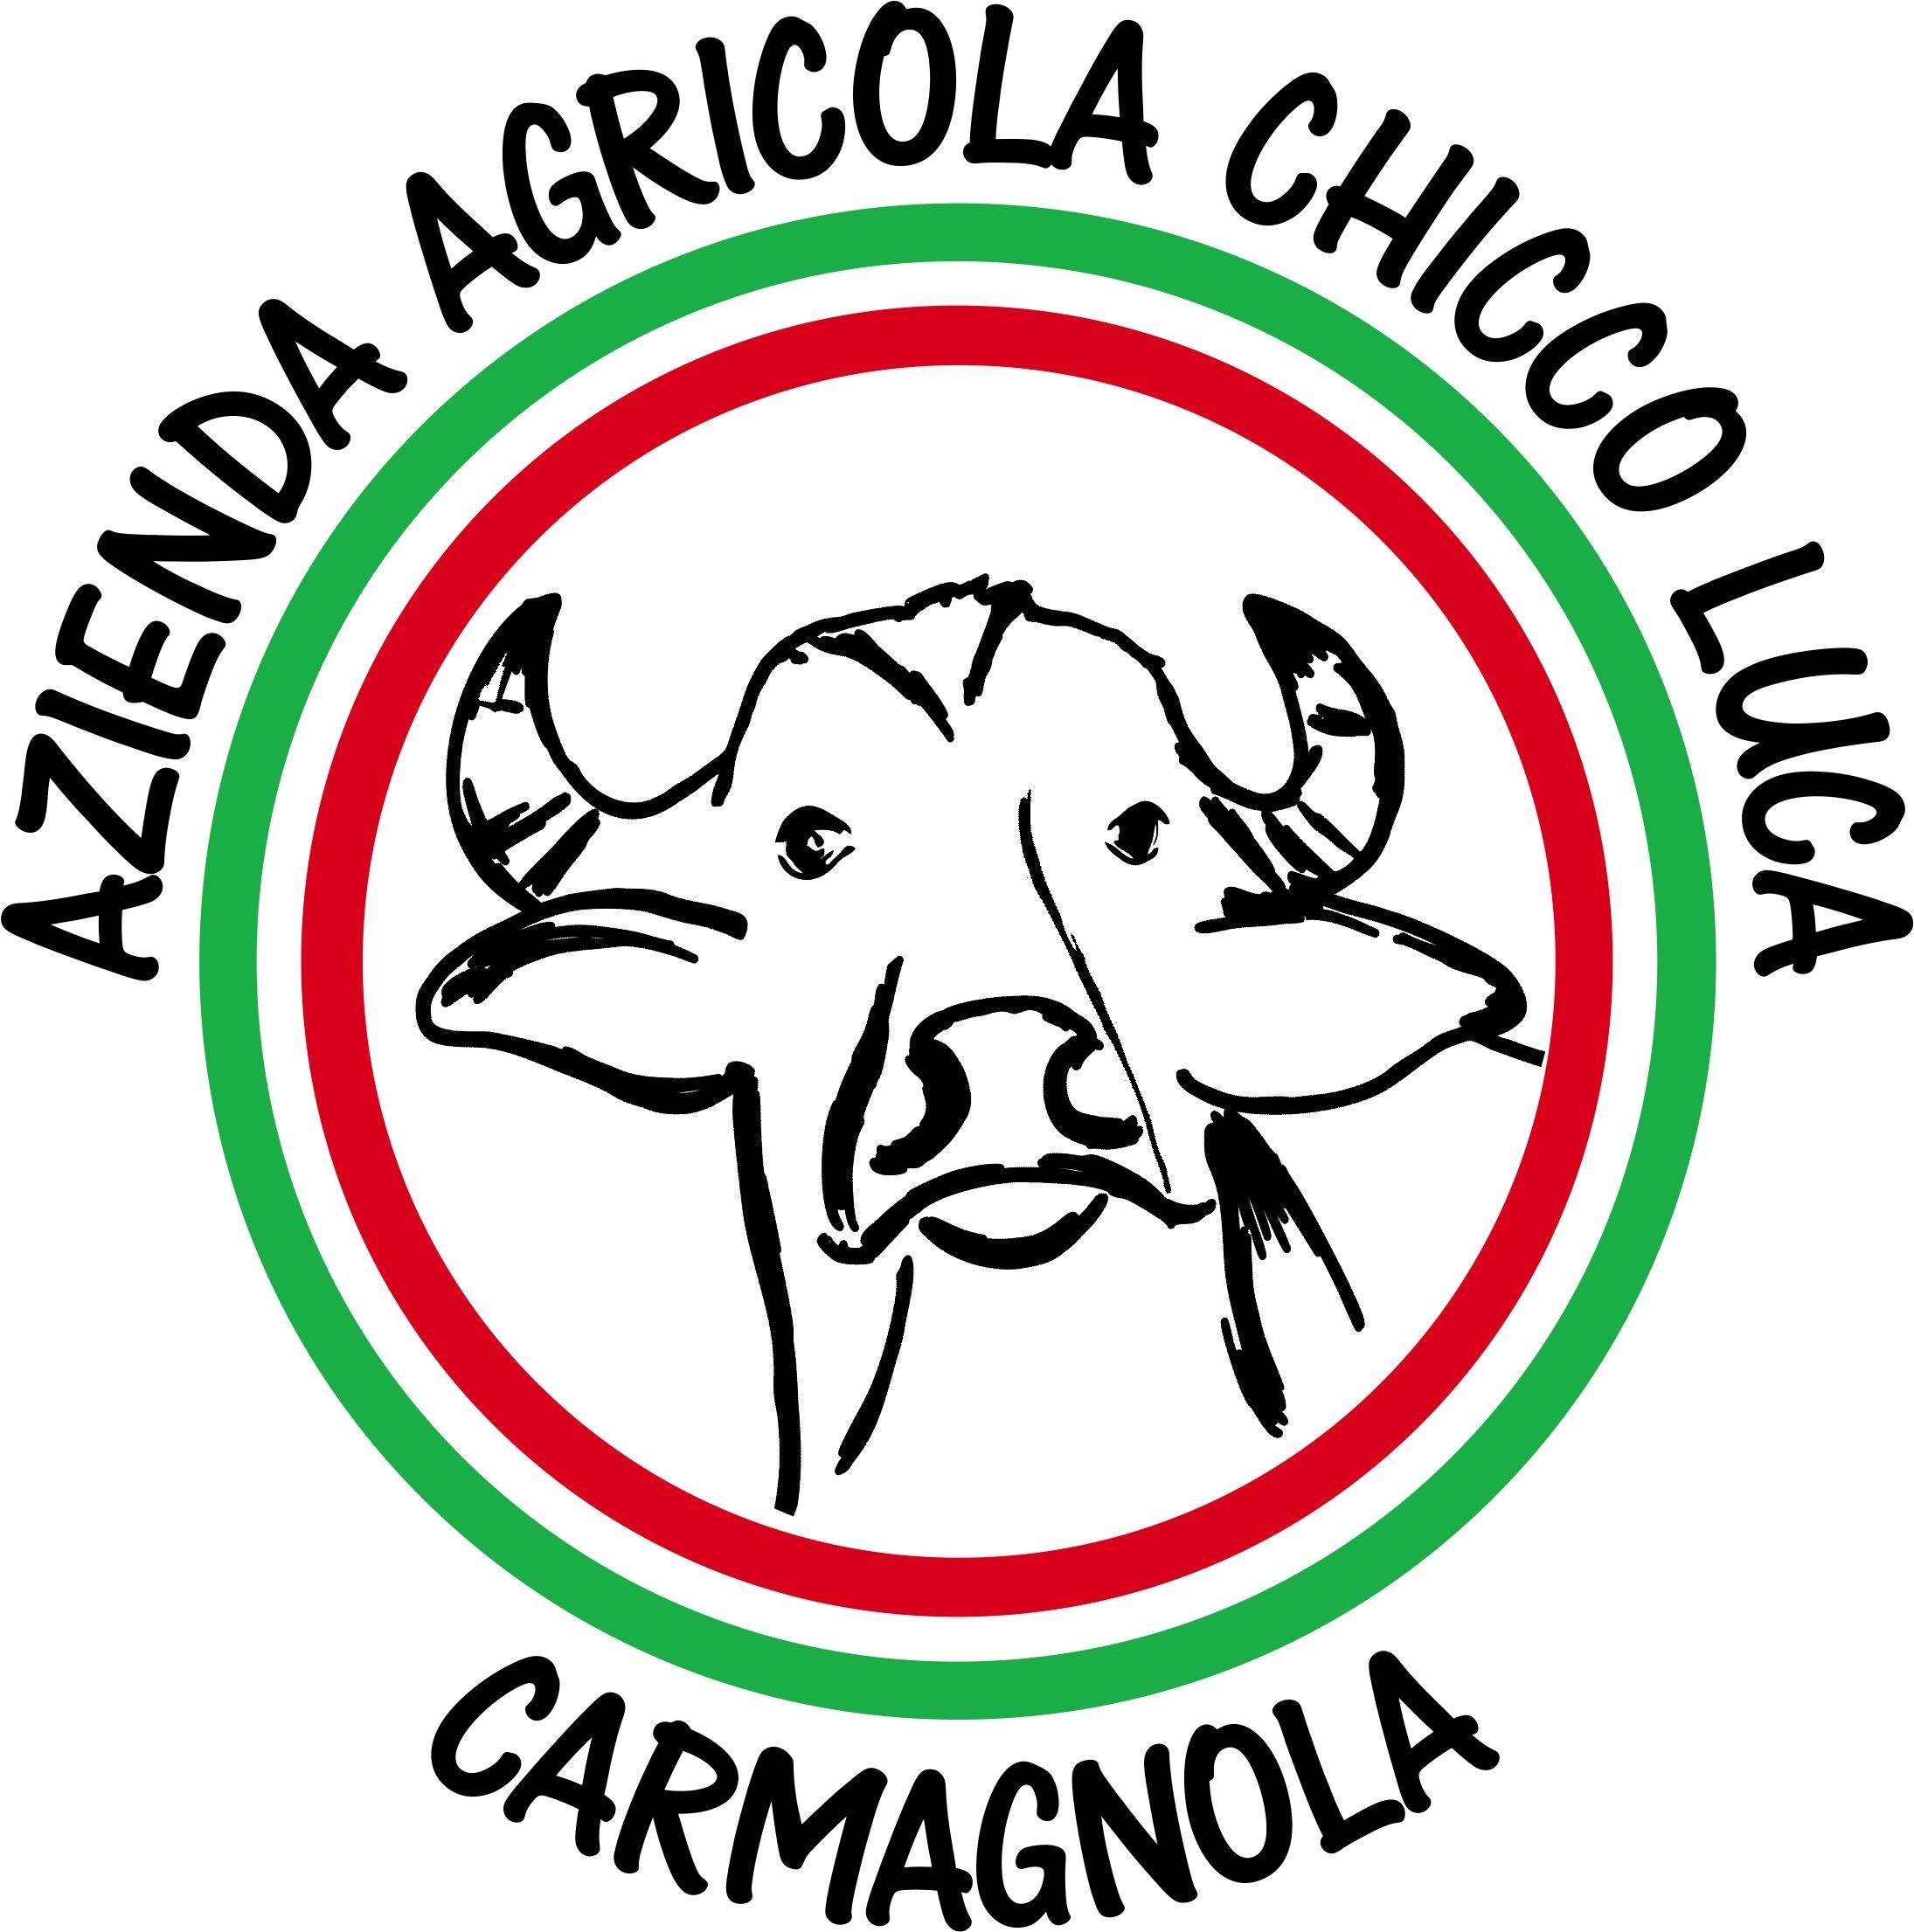 AZIENDA AGRICOLA CHICCO LUCA